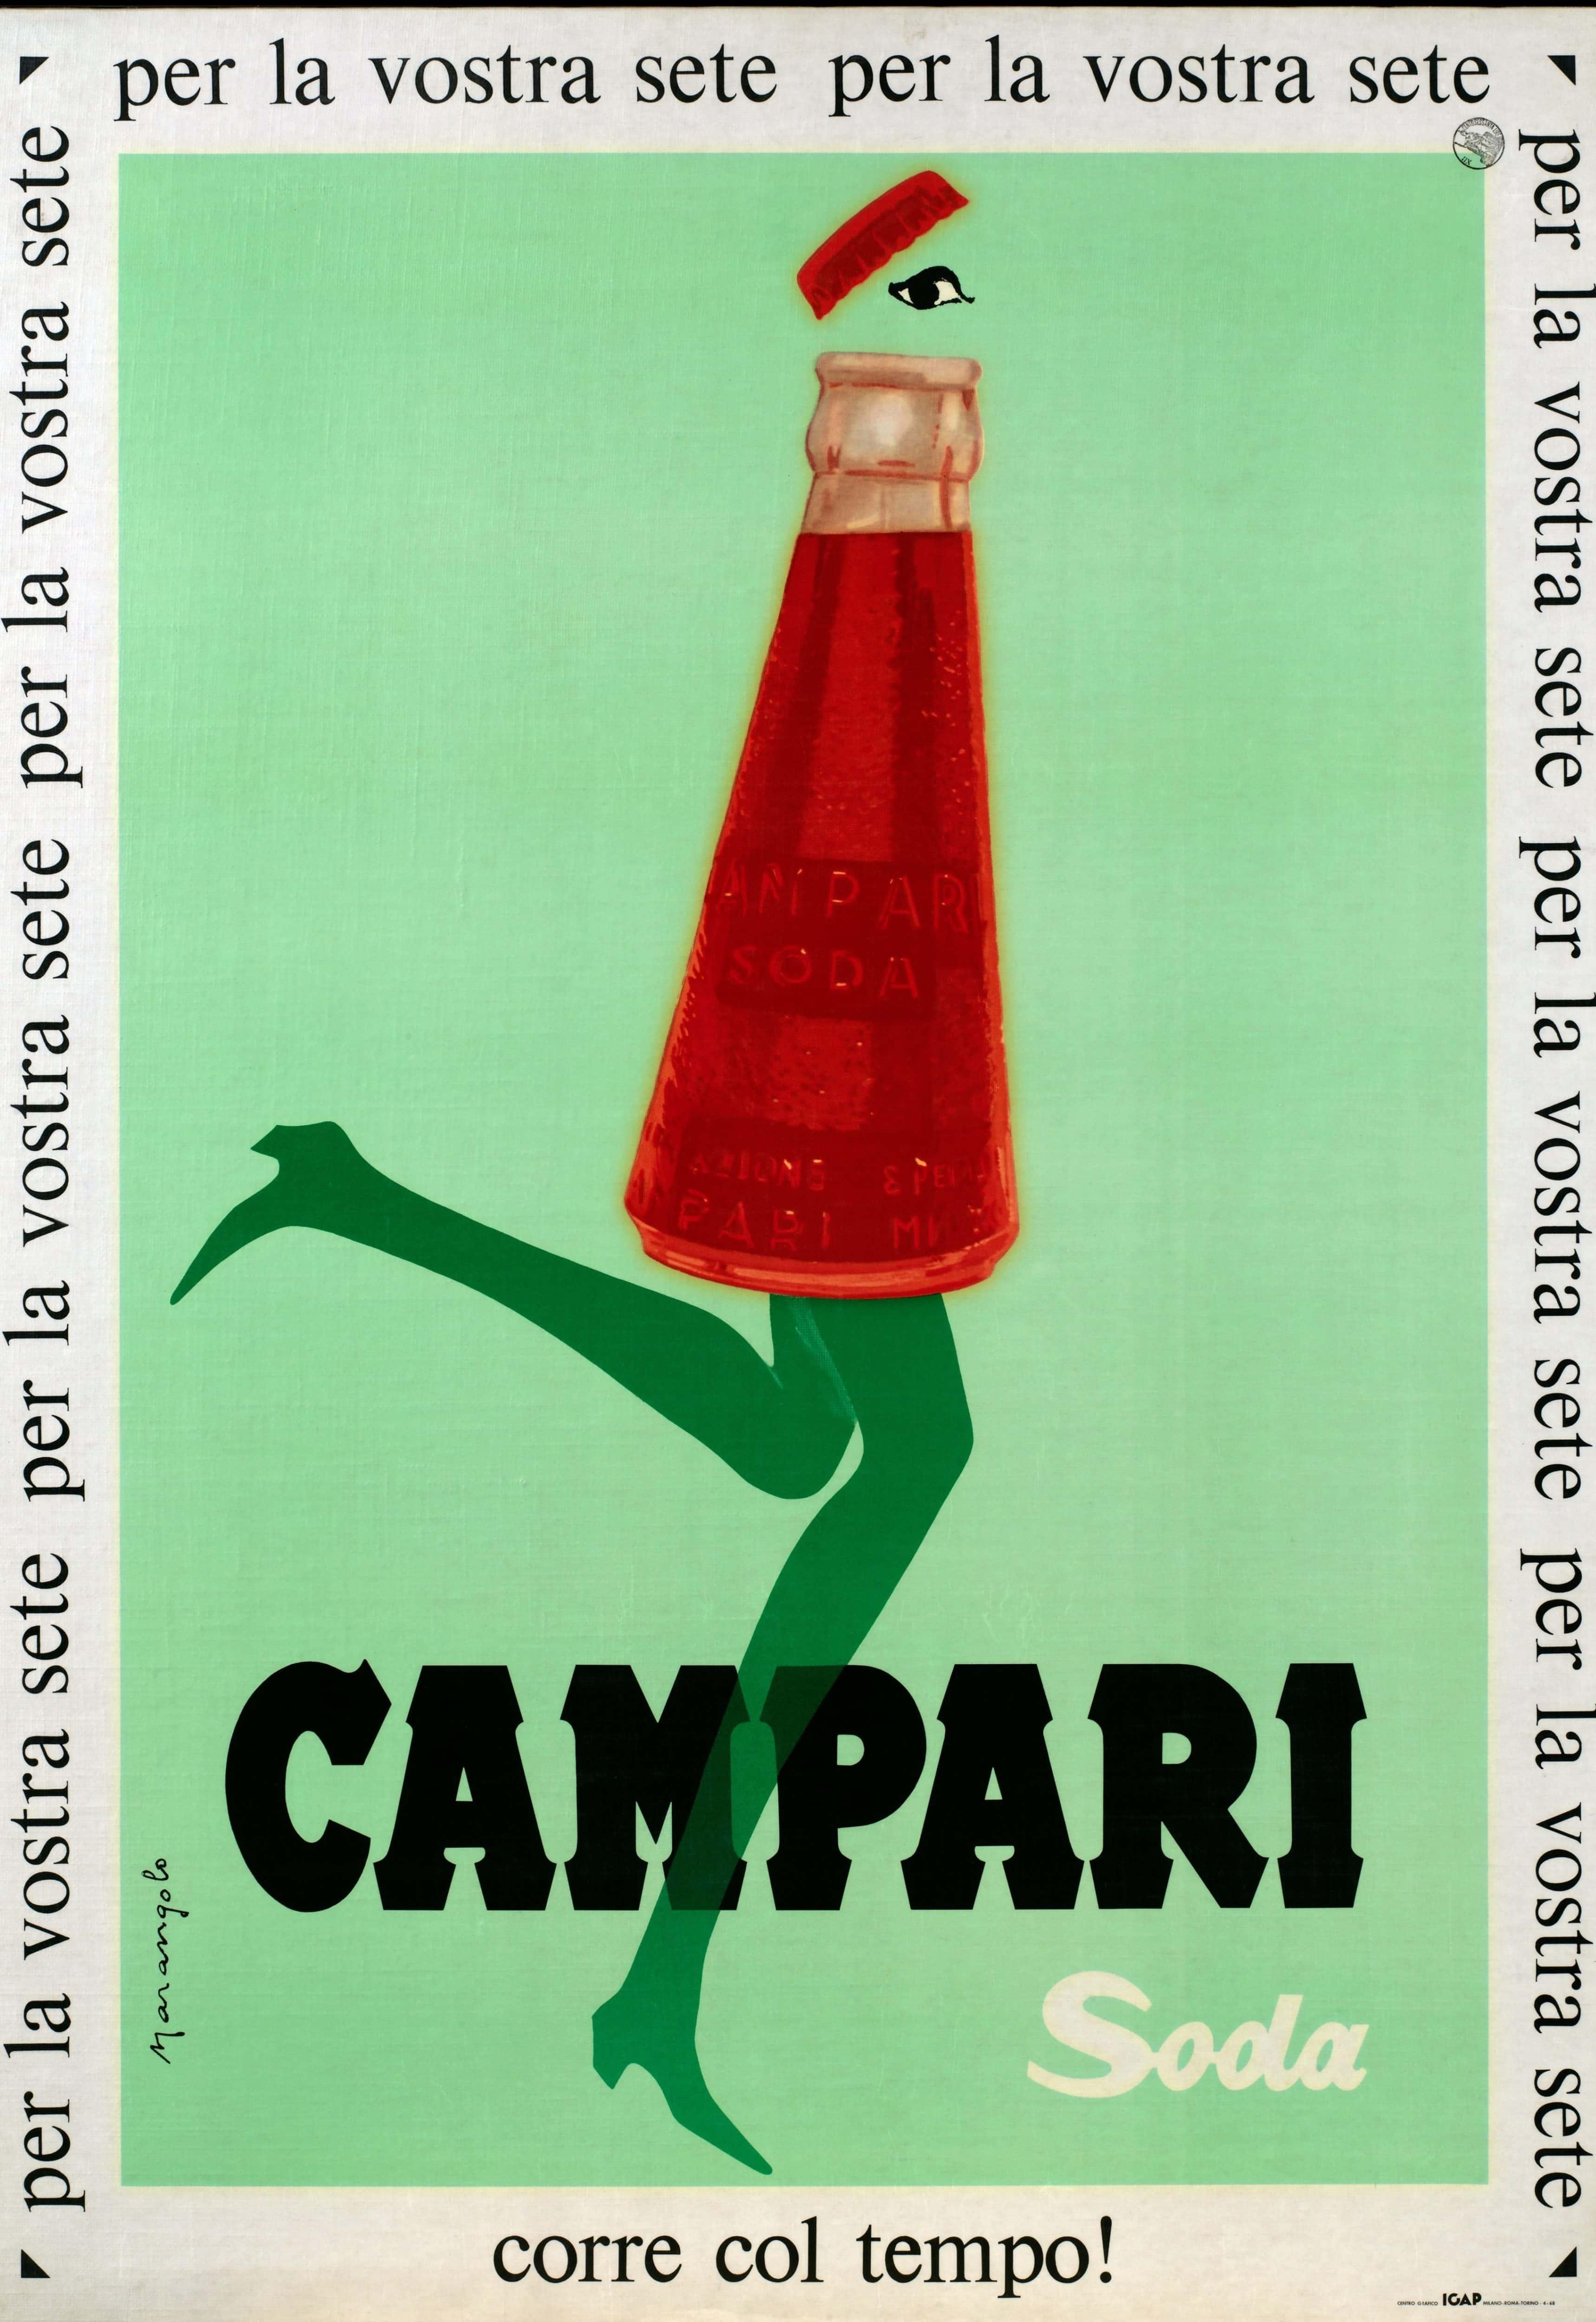 Campari Soda in line with the times!1960s, Franz Marangolo